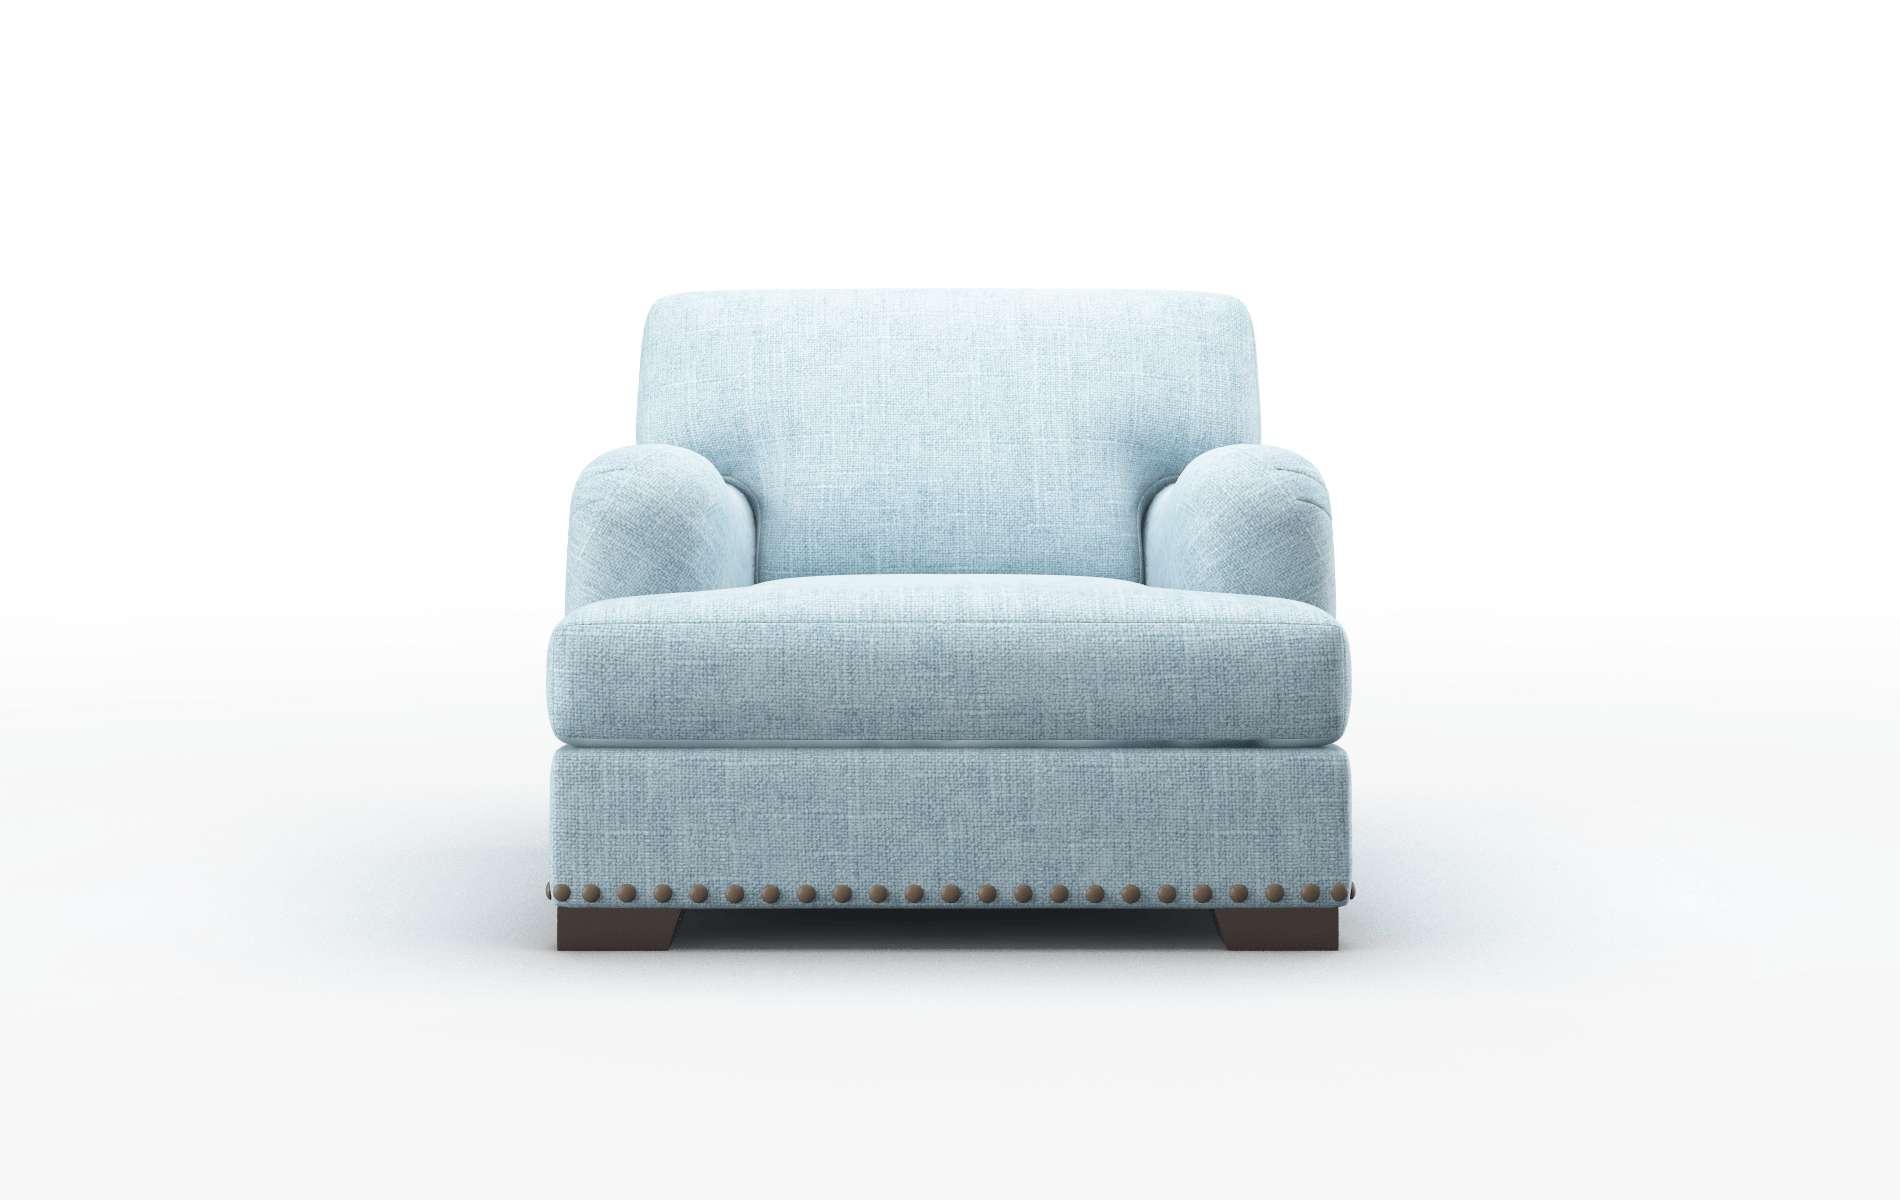 Brighton Atlas Turquoise chair espresso legs